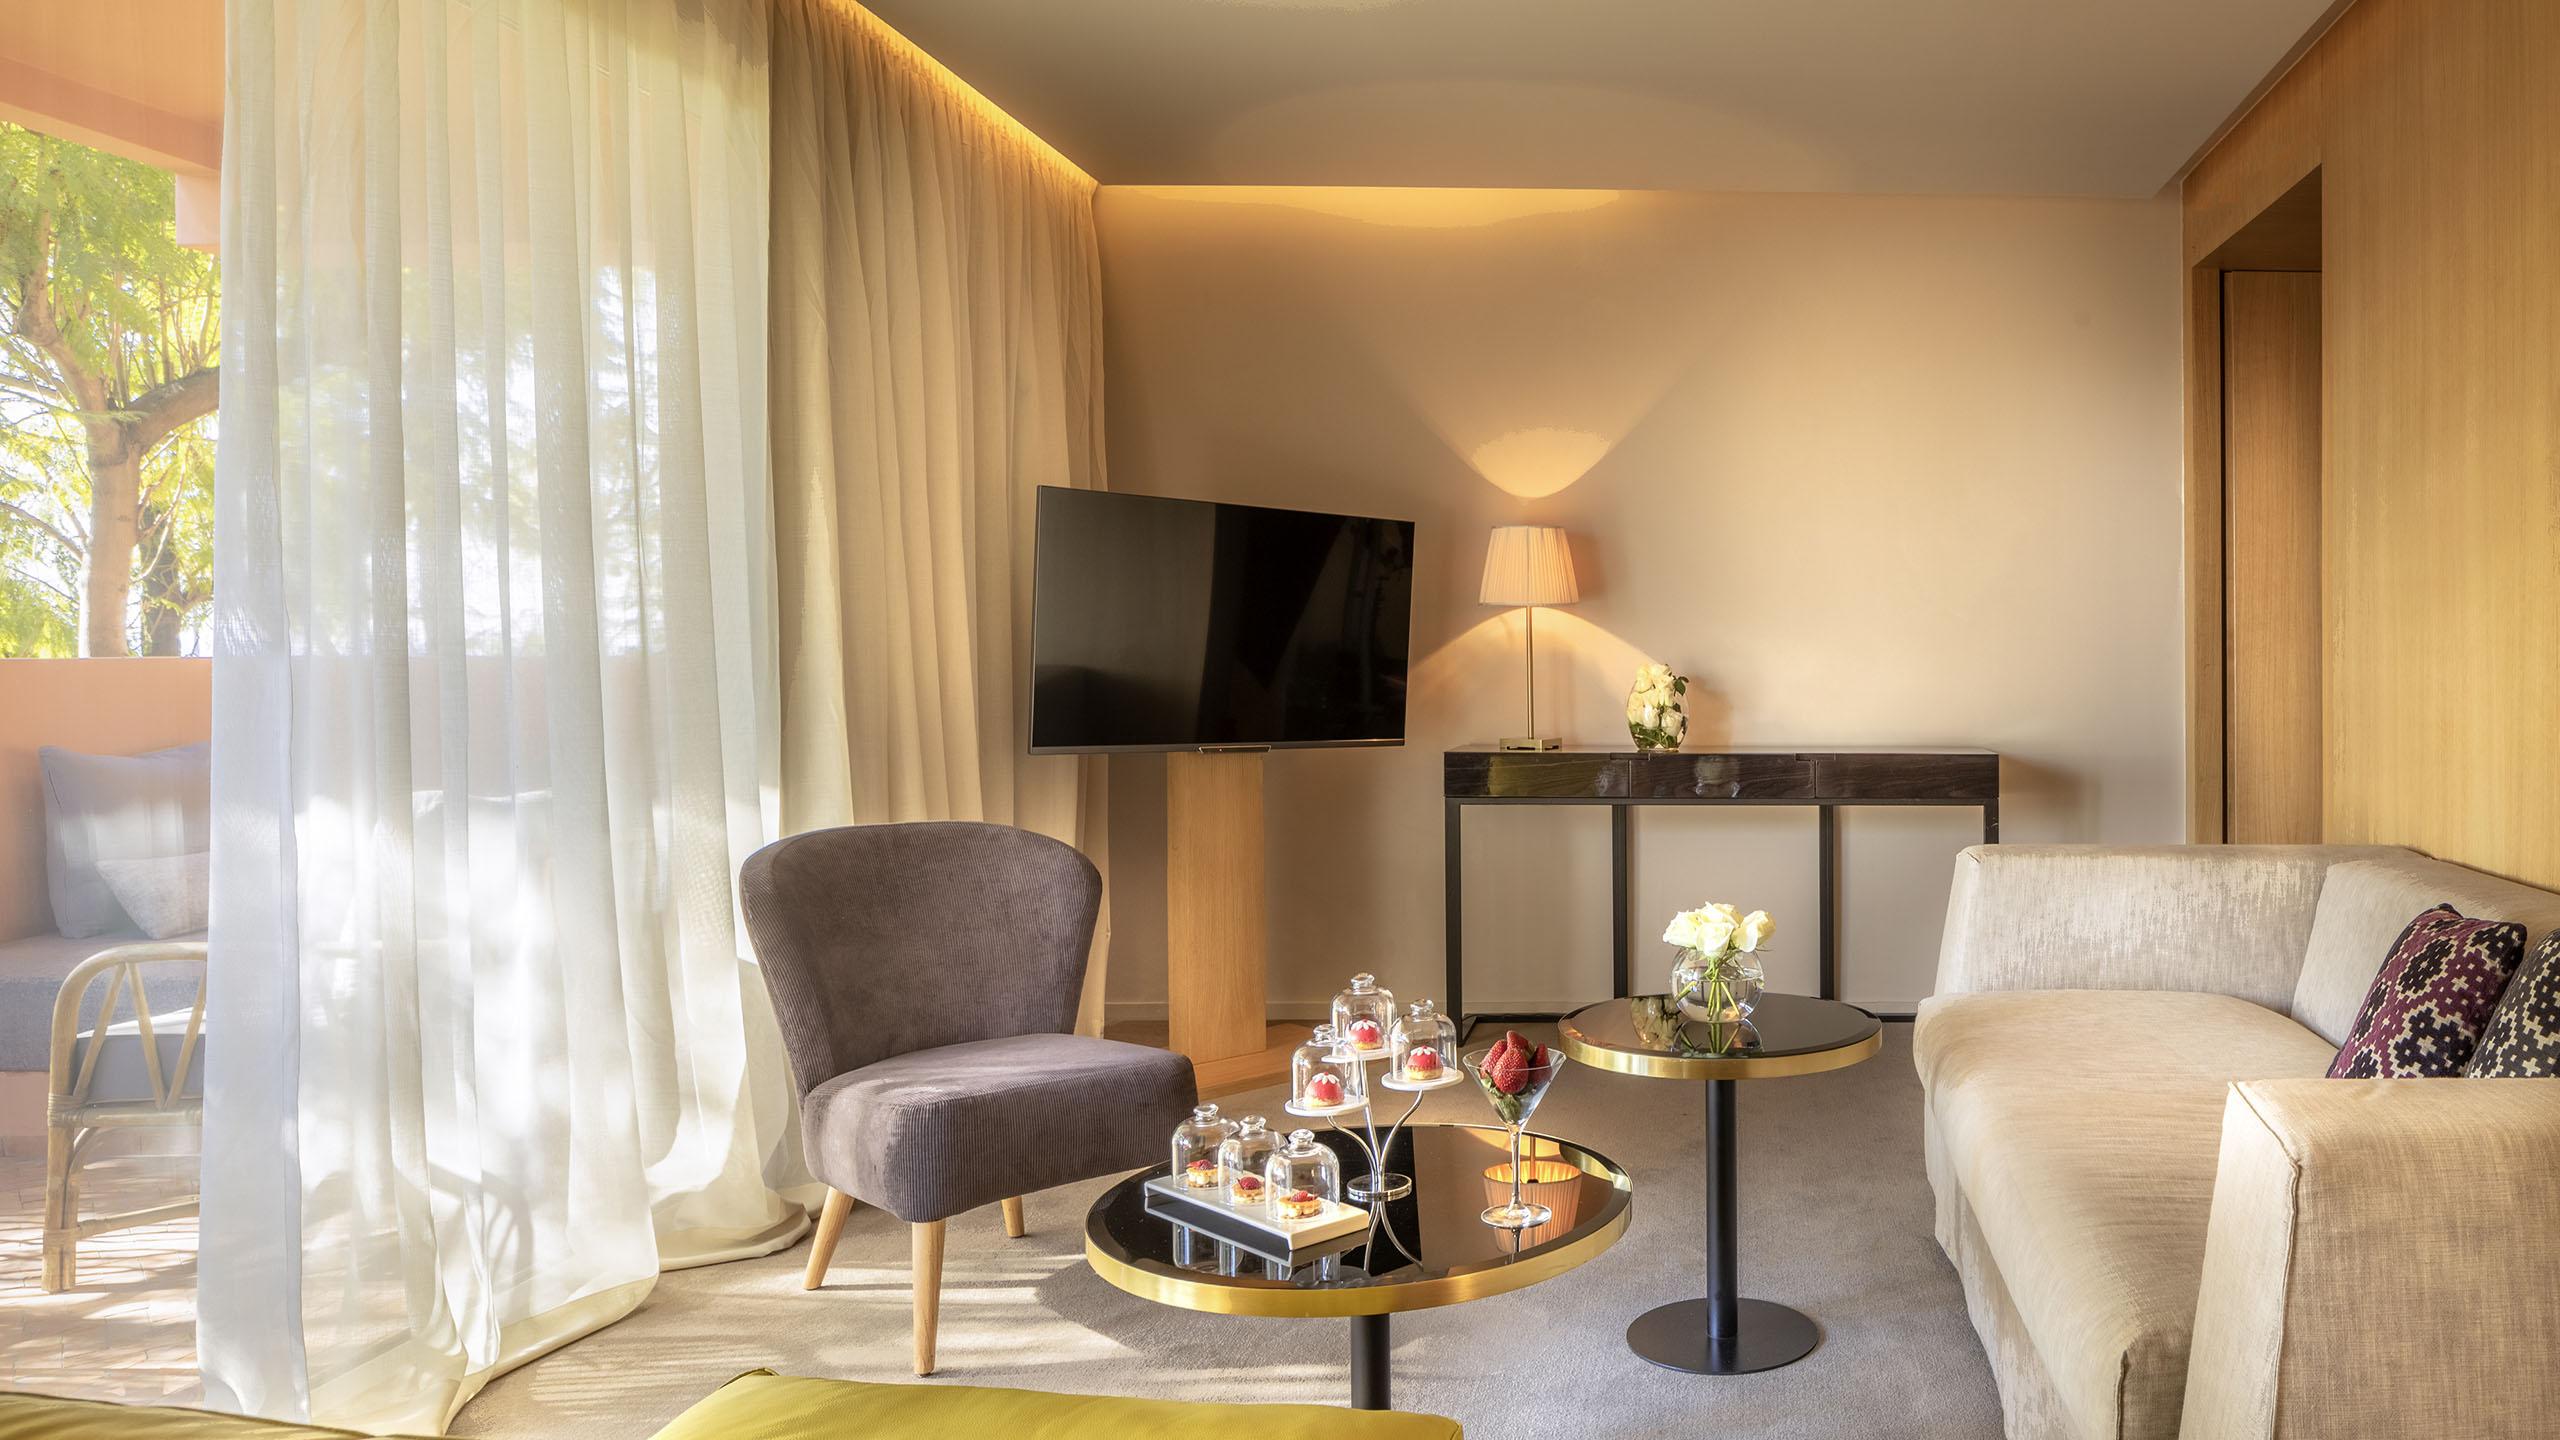 Marrakech Decoration D Interieur hotel de luxe marrakech – sofitel marrakech lounge & spa